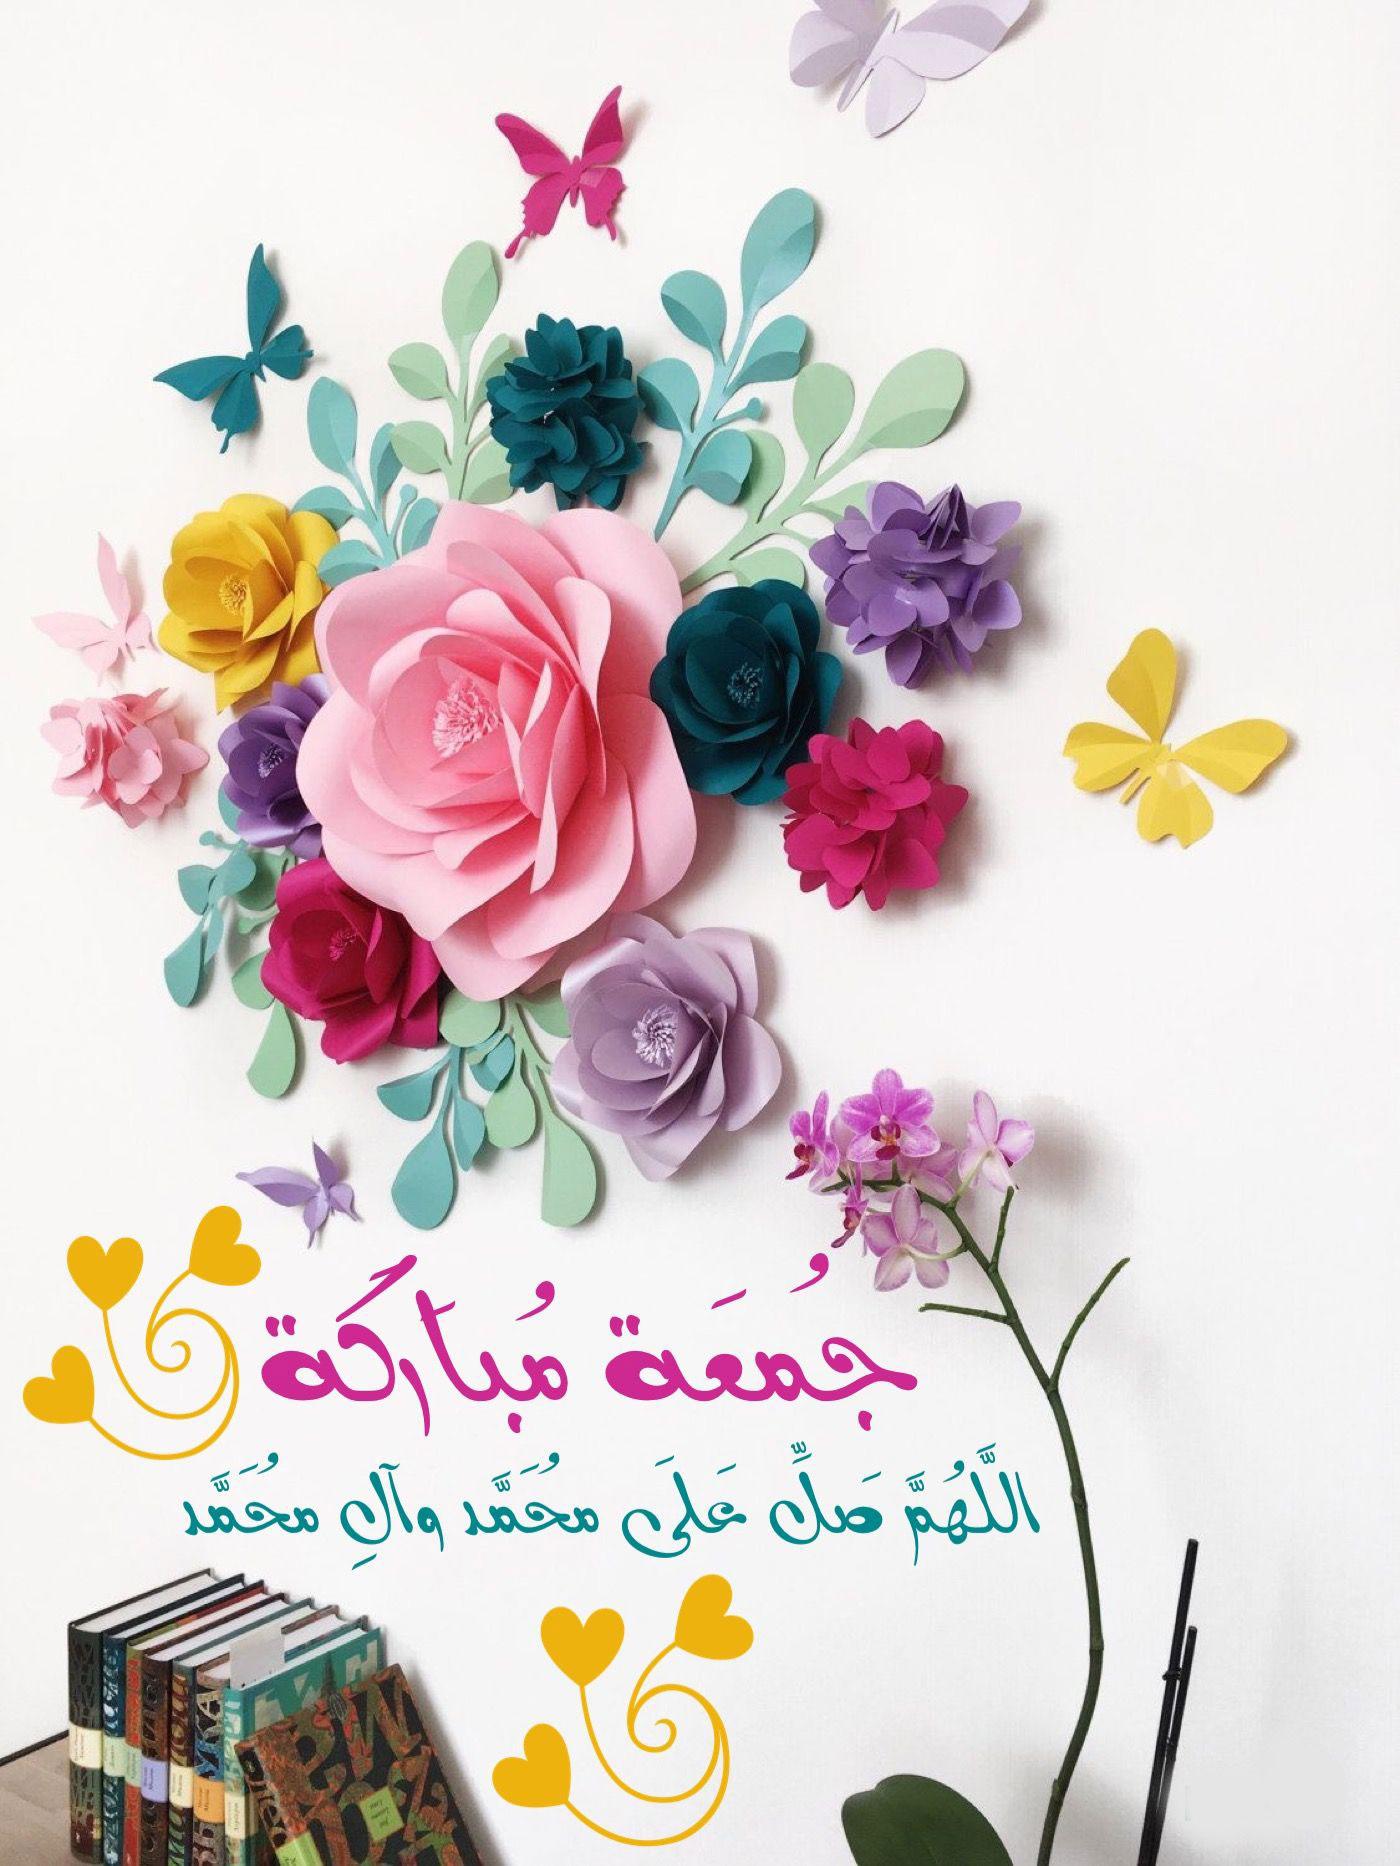 بالصور صباح الجمعه , يوم جمعة مبارك 4734 7